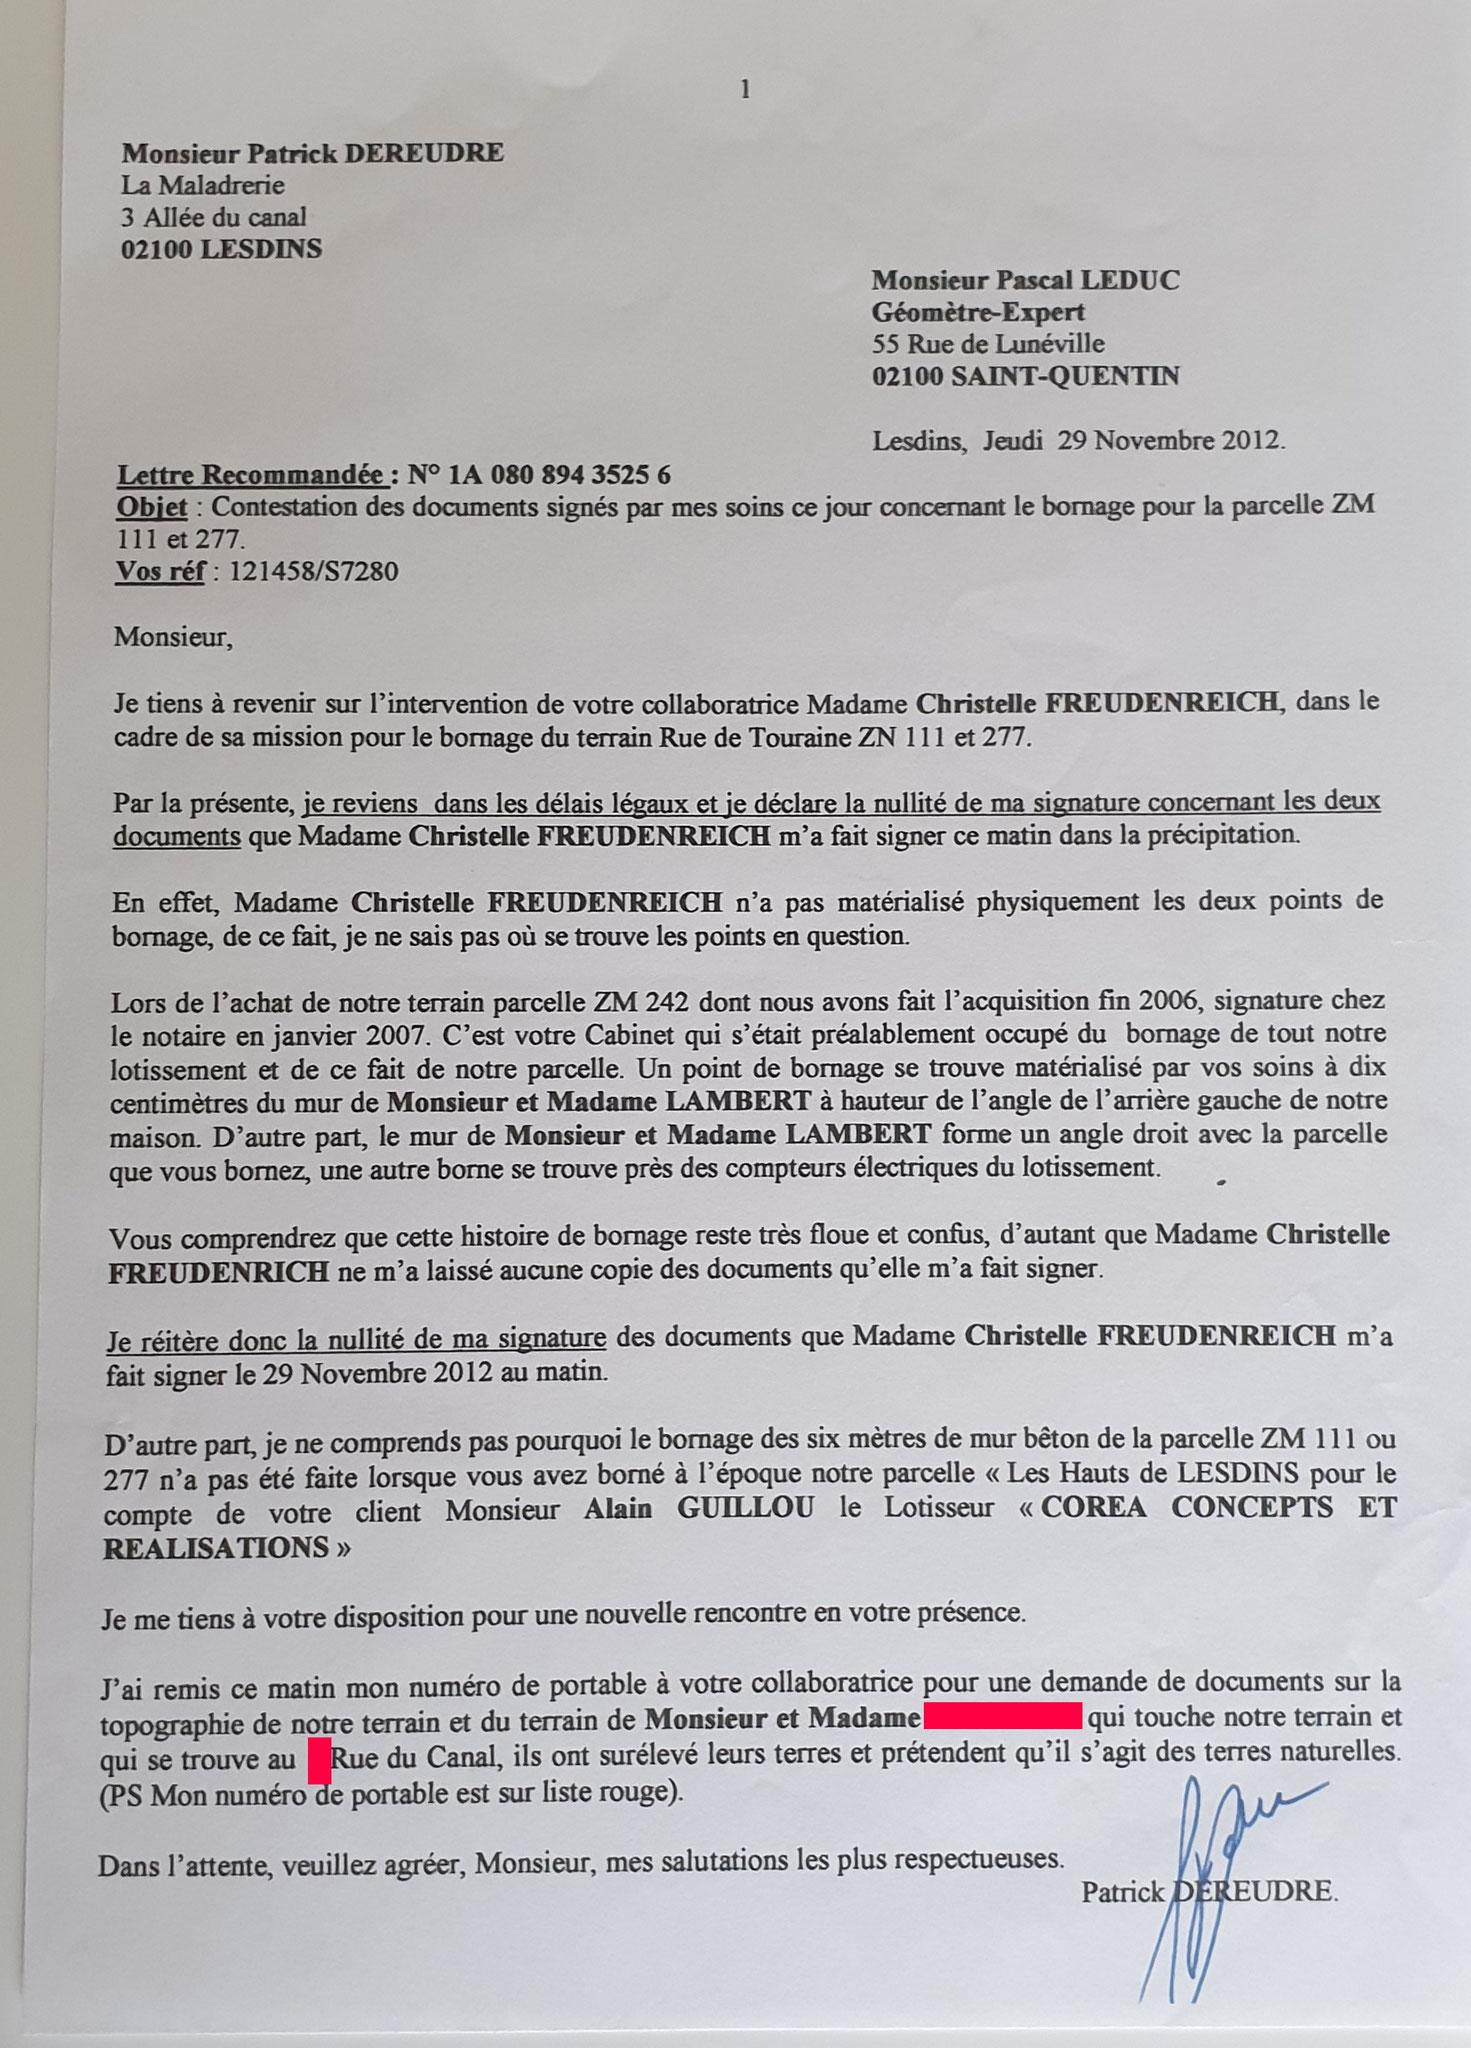 Le 29 novembre 2012 j'adresse à Monsieur Pascal LEDUC Expert Géomètre du lotissement une LRAR N0 1A  (Une page) www.jenesuispasunchien.fr www.jesuisvictime.fr www.jesuispatrick.fr PARJURE & CORRUPTION